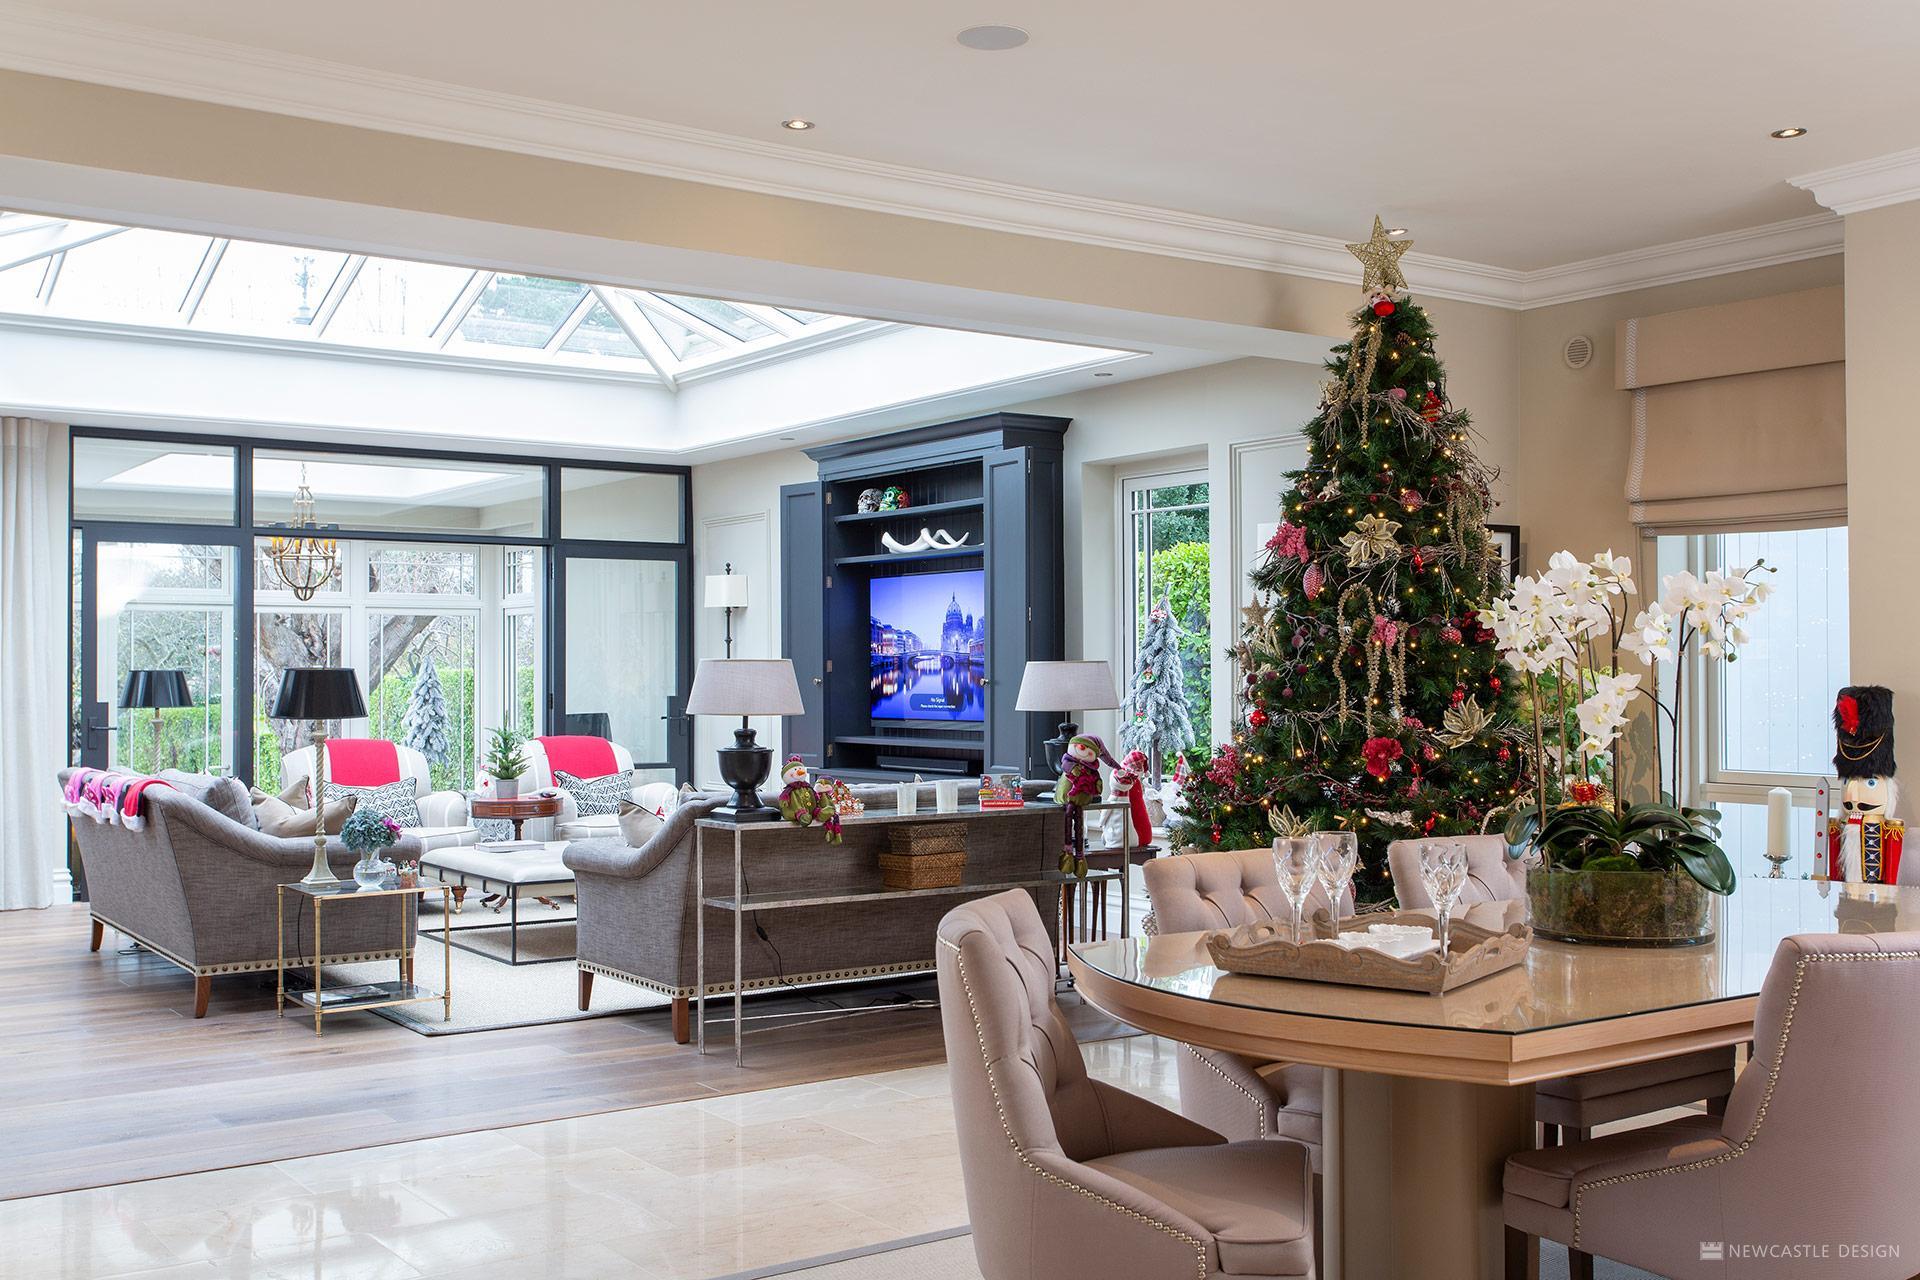 Study & Living Room Furniture | Interior Design Ideas